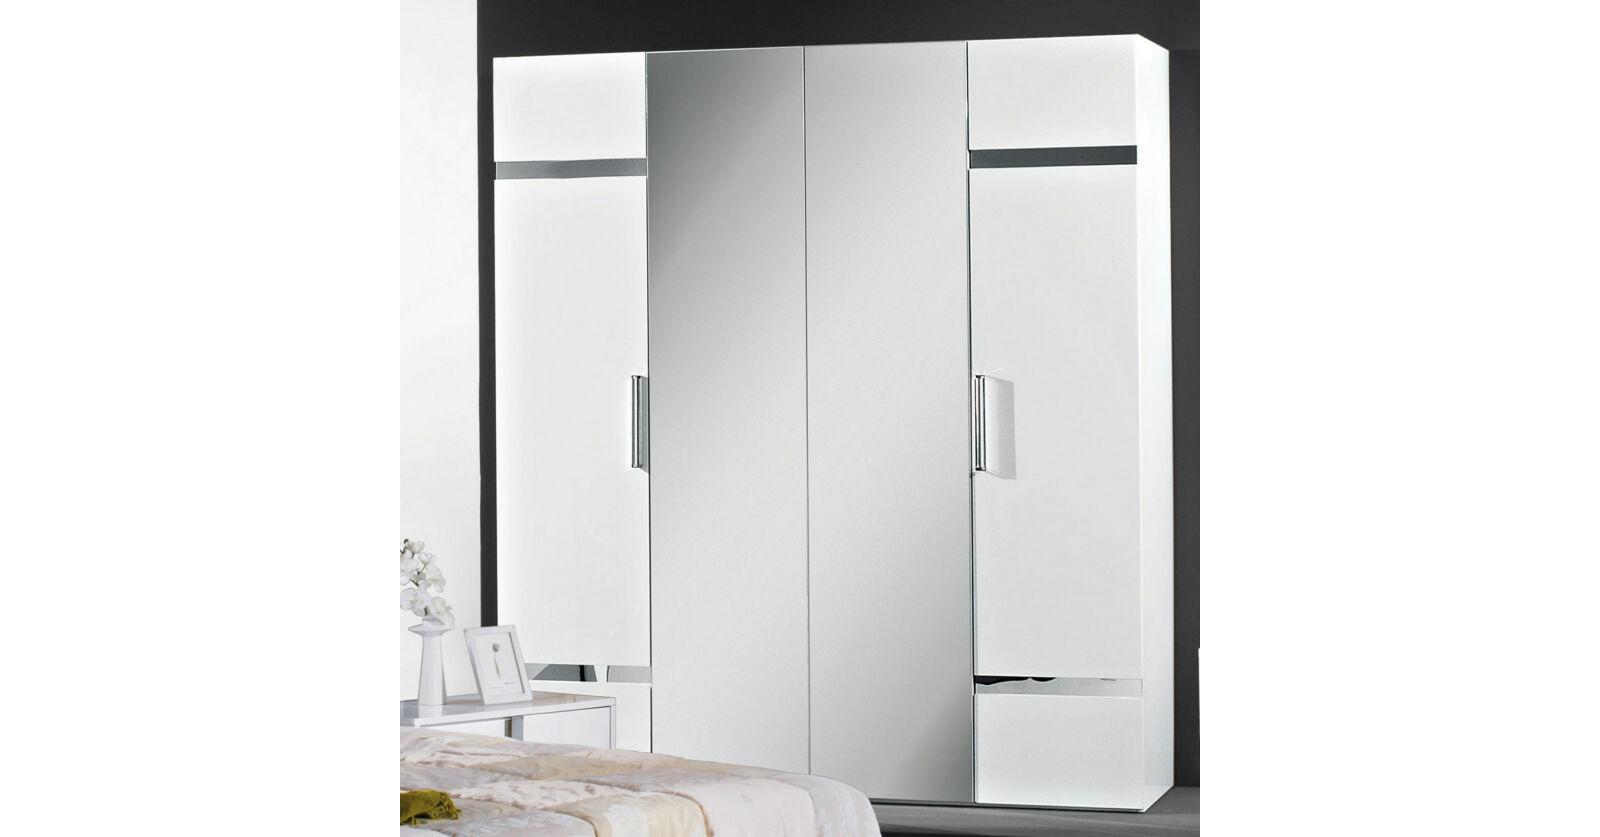 e9995dffdf9 H2 San Marino 2 tolóajtós szekrény fehér